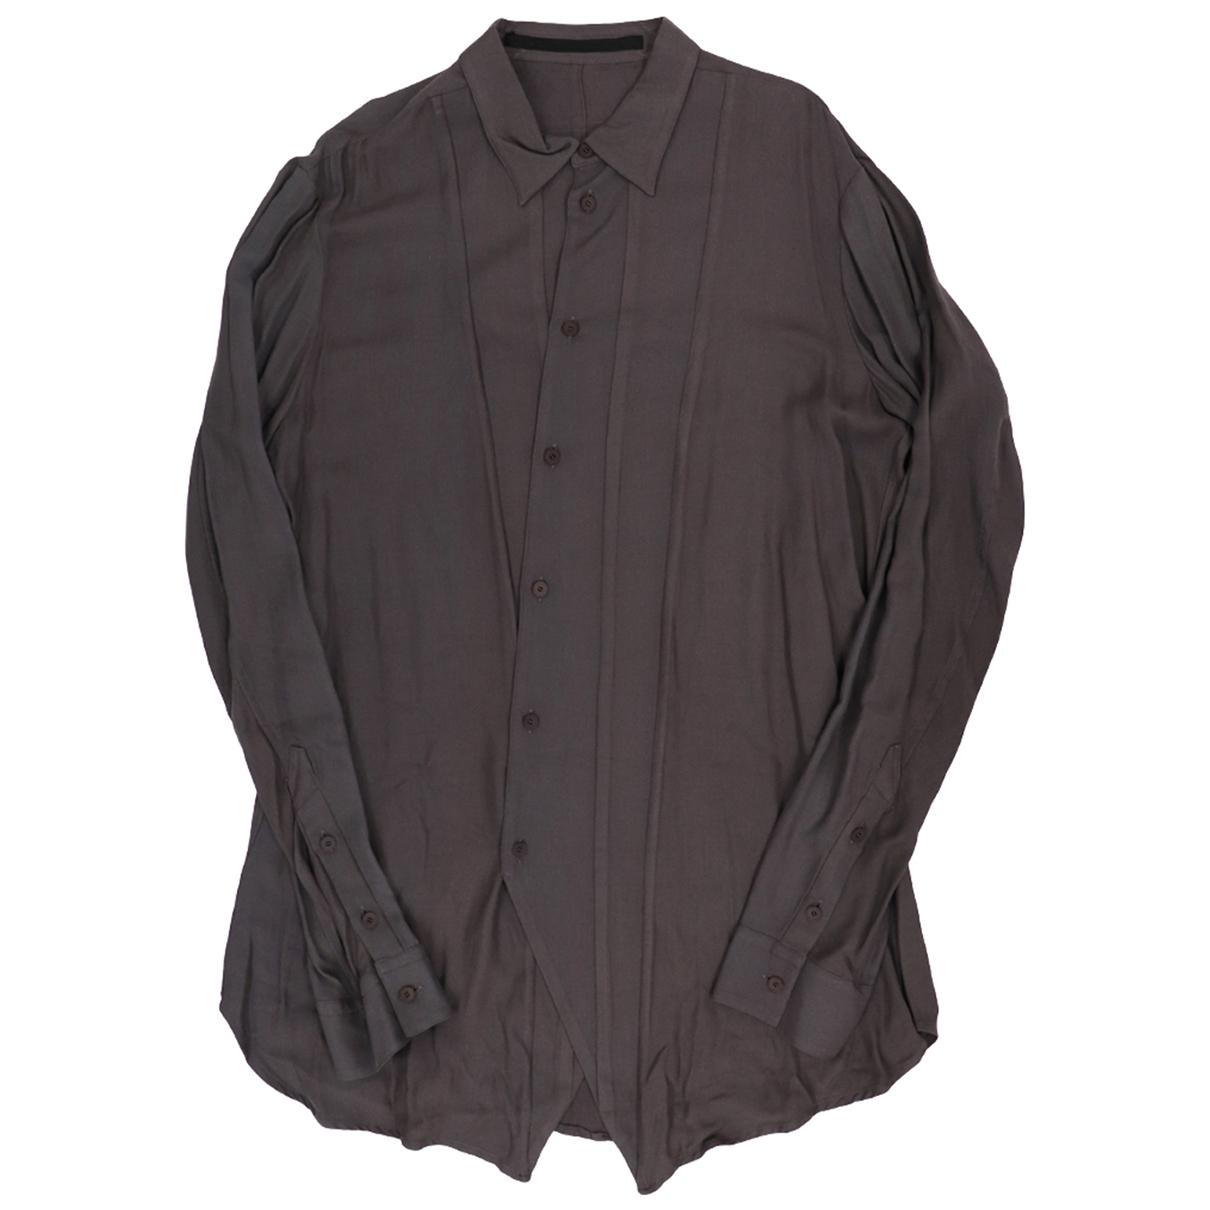 Julius 7 - Tee shirts   pour homme en autre - gris